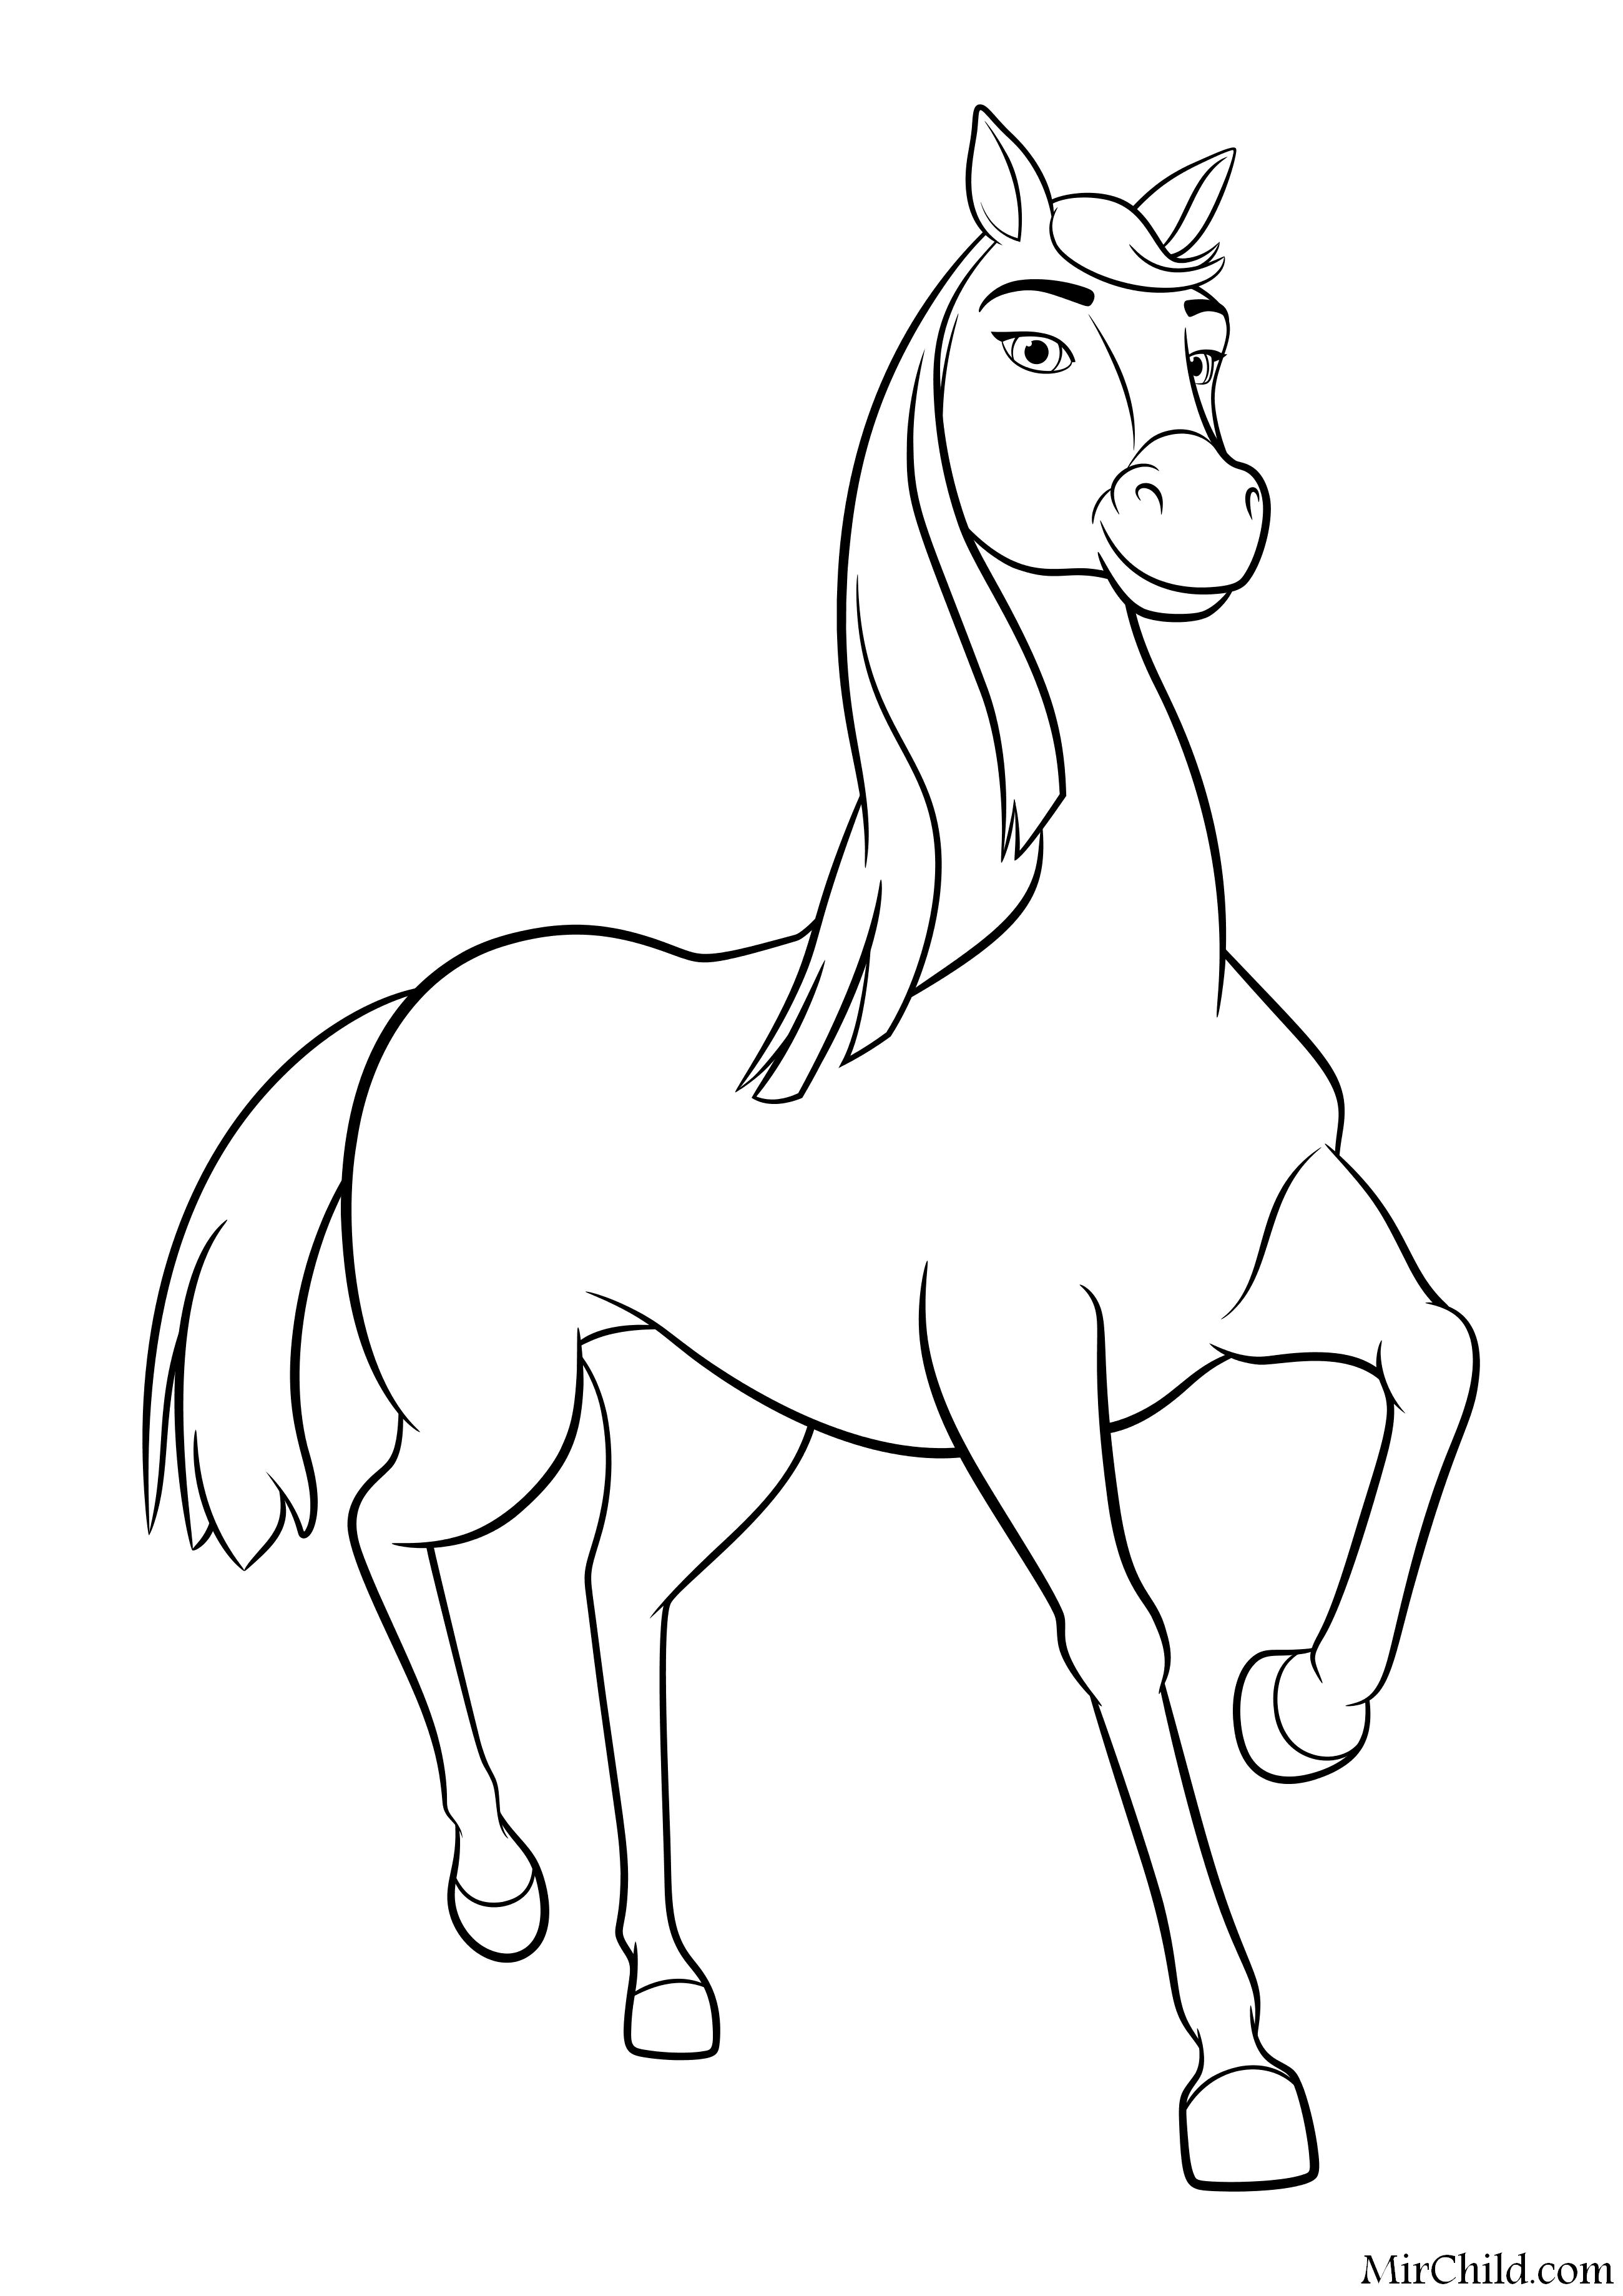 раскраска спирит скачки на свободе лошадь паломино чика